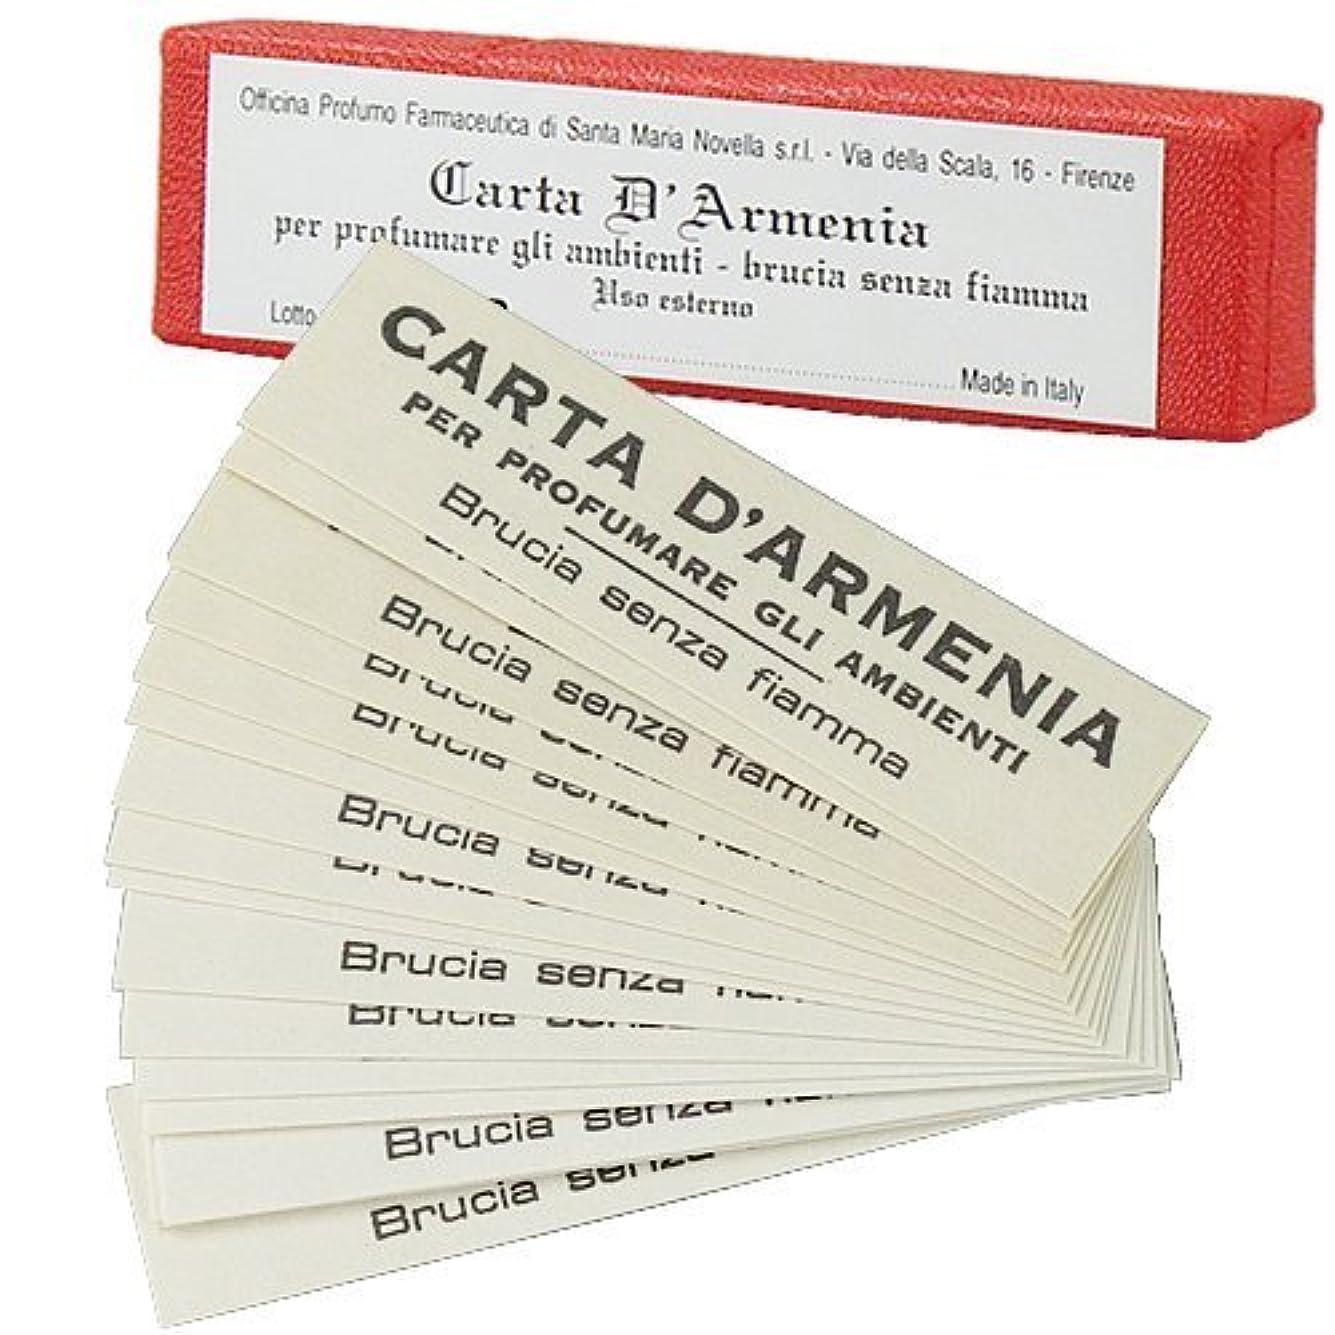 リスナー粘土カレンダーサンタマリアノヴェッラ アルメニア紙(お香) [並行輸入品] 18枚入り